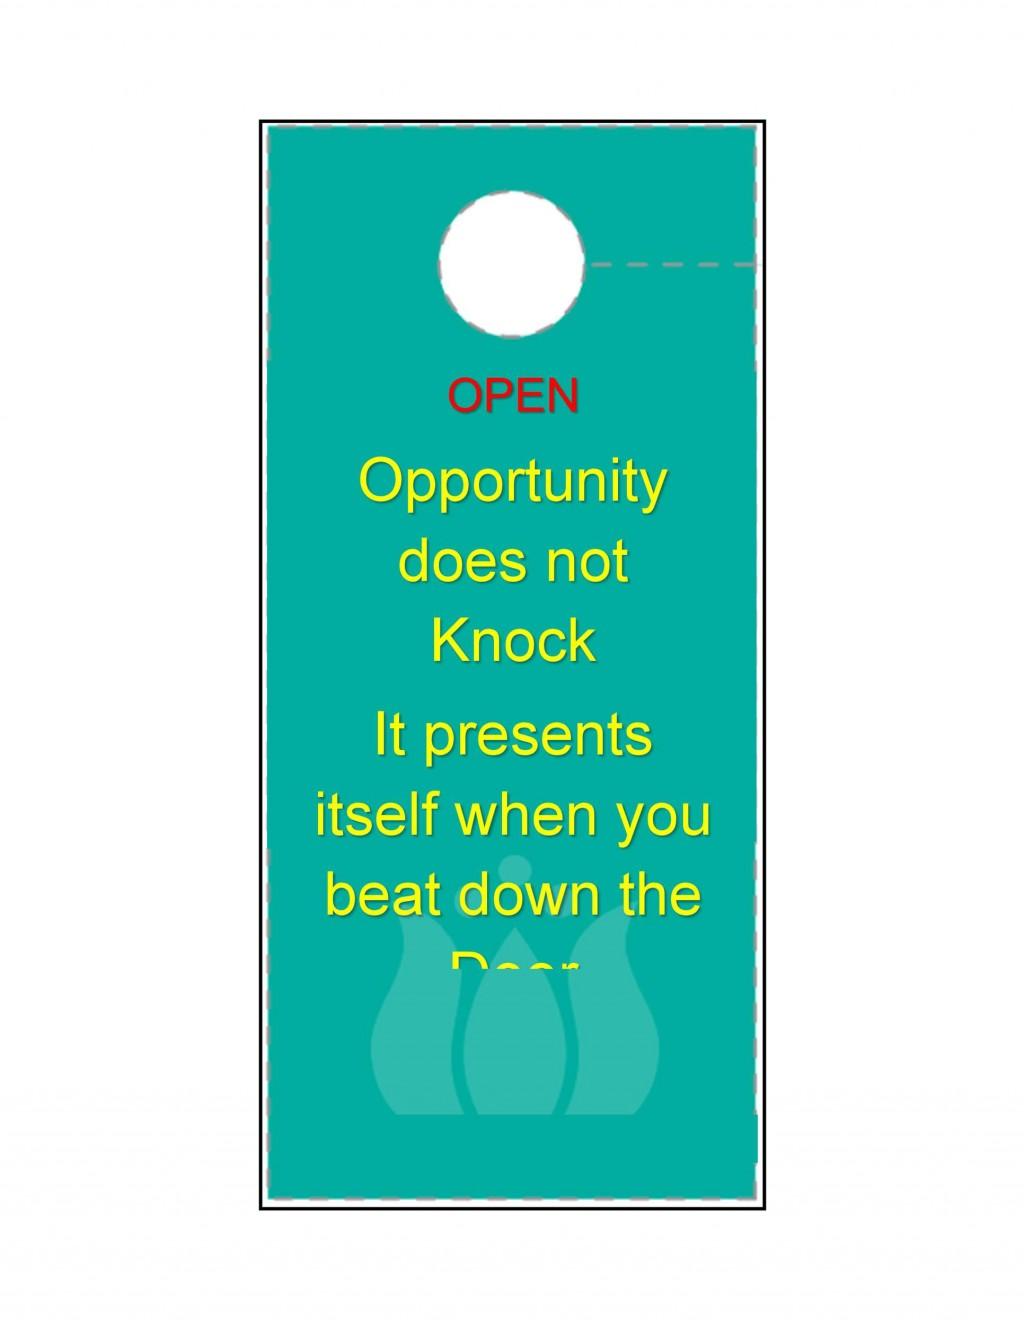 003 Amazing Free Download Door Hanger Template Inspiration Large